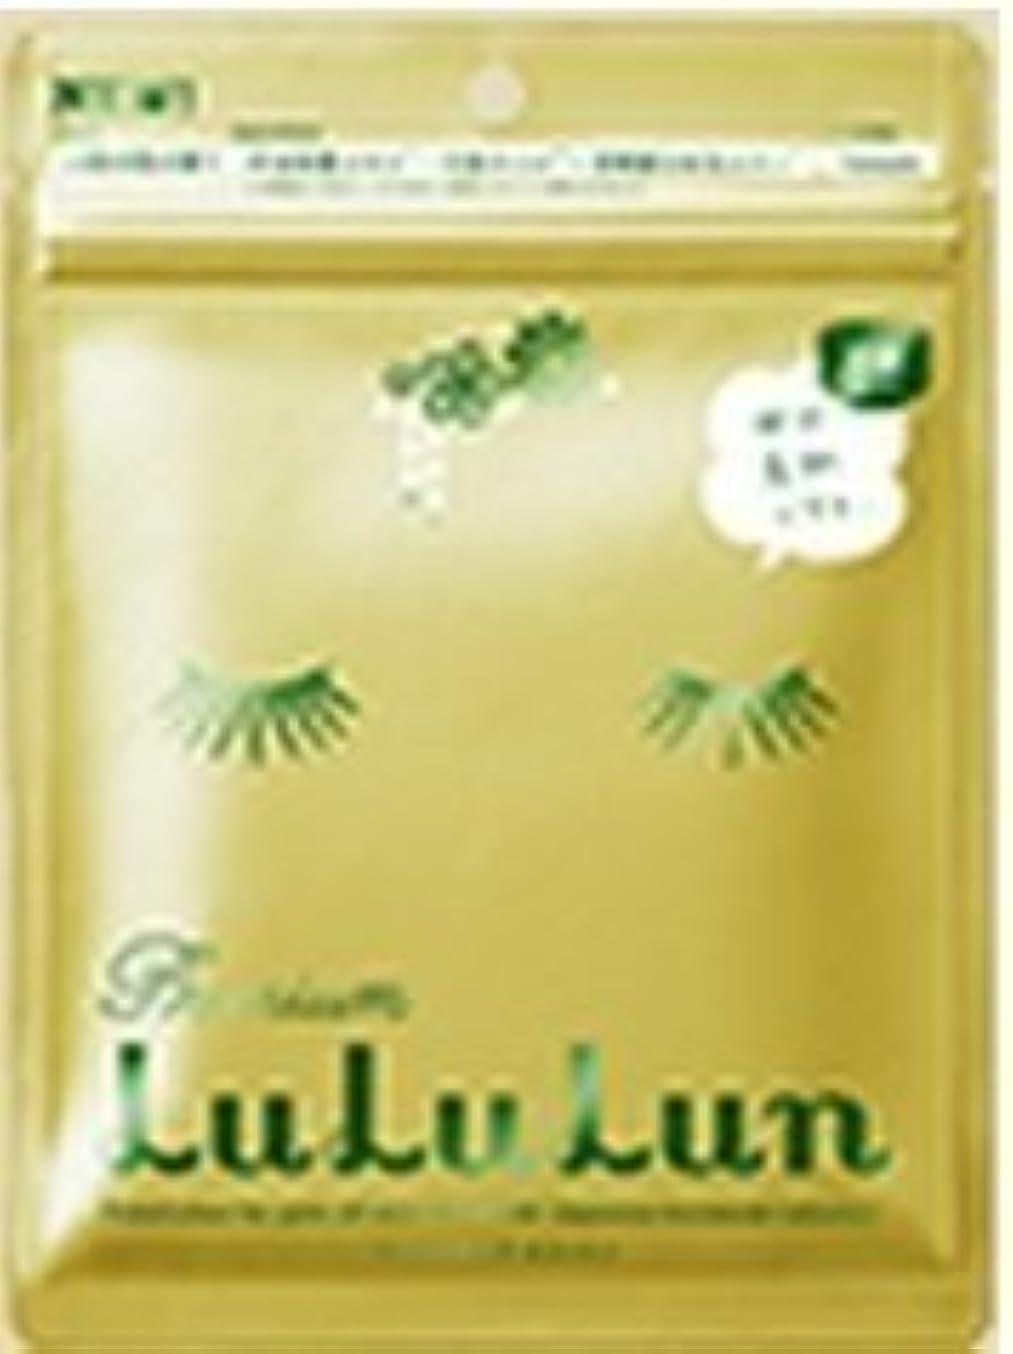 迷信プログレッシブ手数料フェイスマスク 京都のルルルン 7枚入り(お茶の花の香りタイプ)